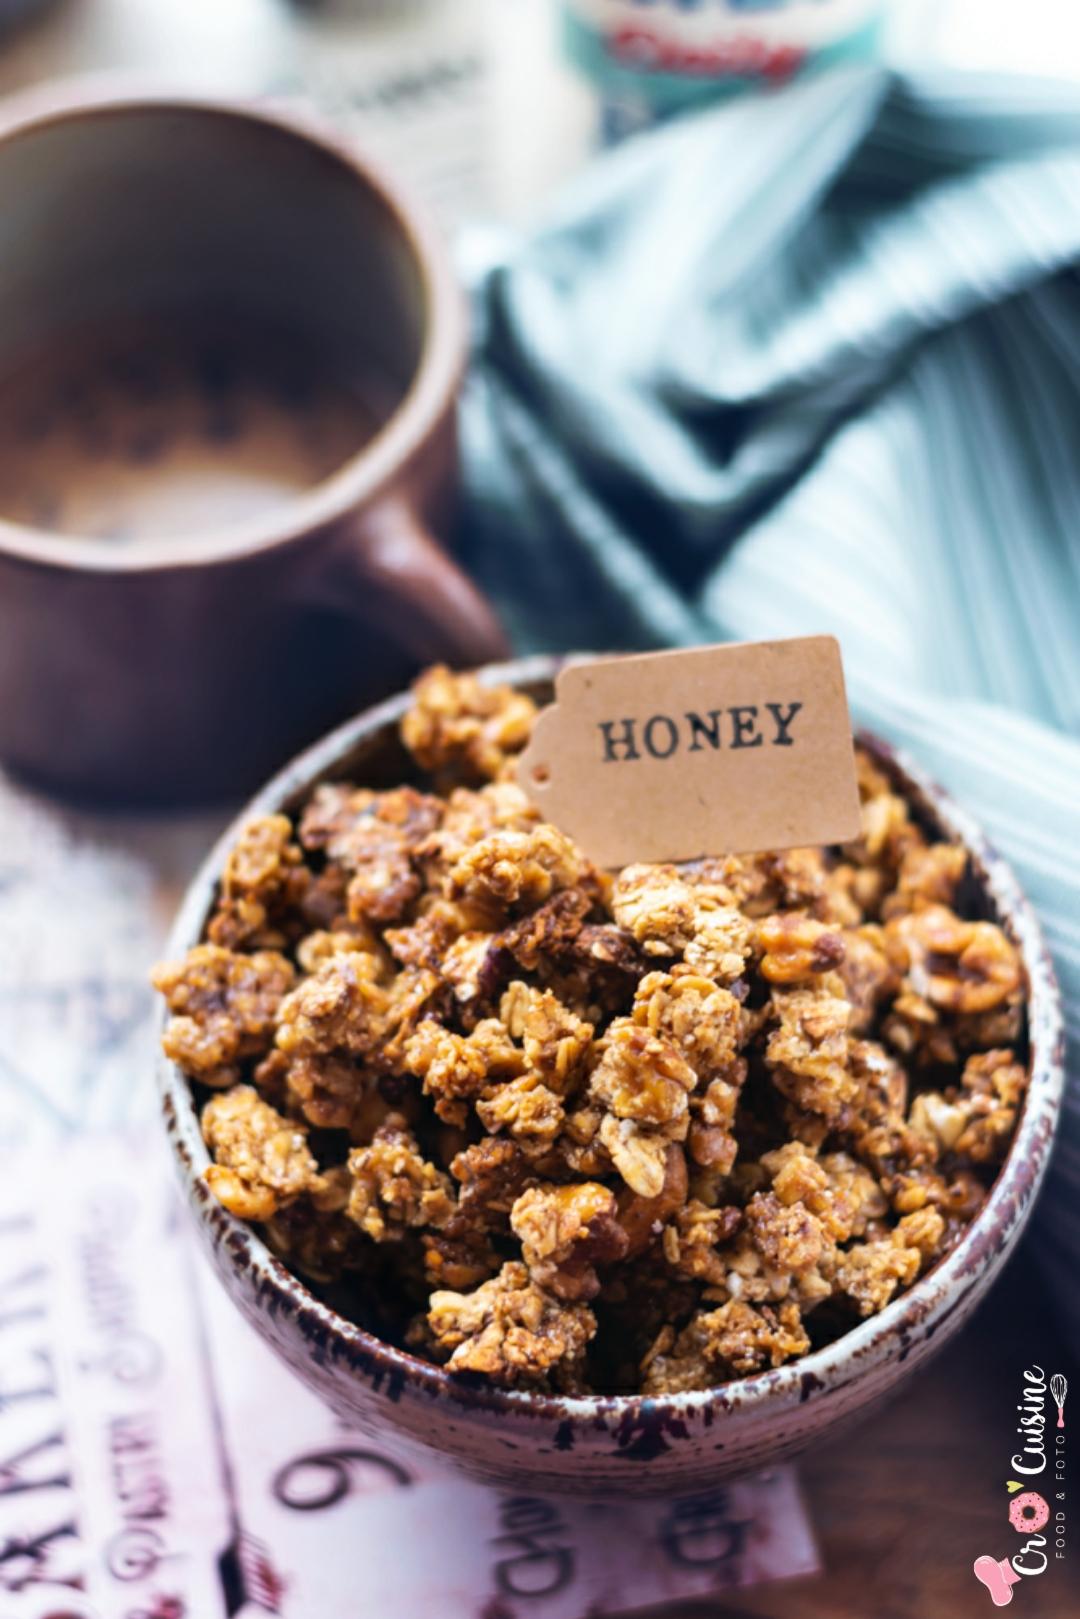 Un délicieux granola au miel pour vous accompagner lors de la dégustation de votre yaourt nature ou en guise de céréales arrosés du lait de votre choix. Parfait pour le petit-déjeuner.